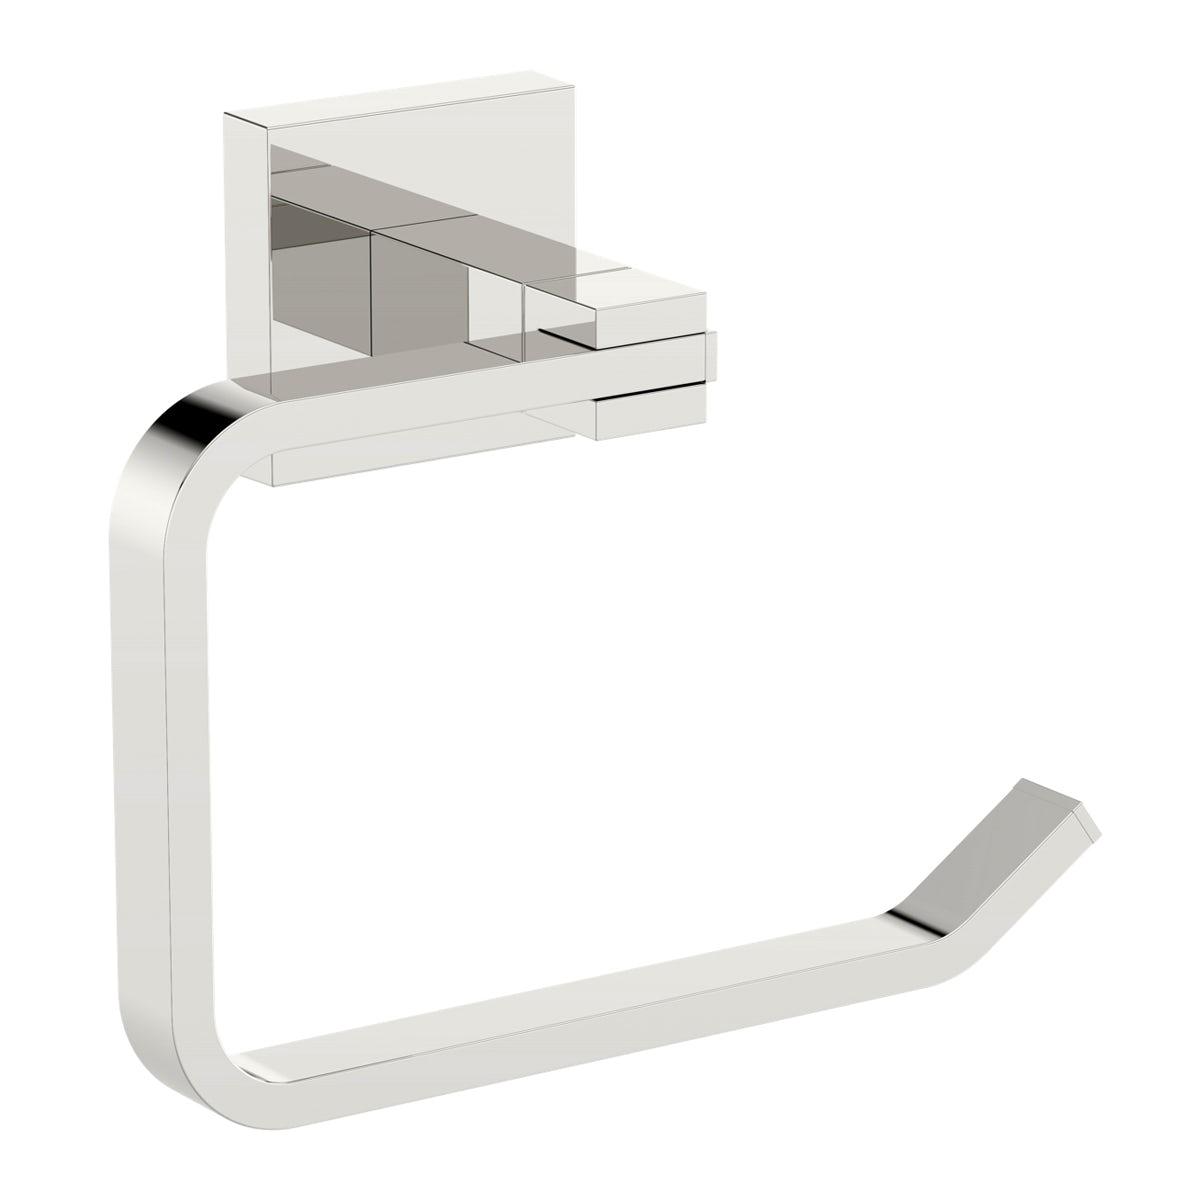 Flex Toilet Roll Holder